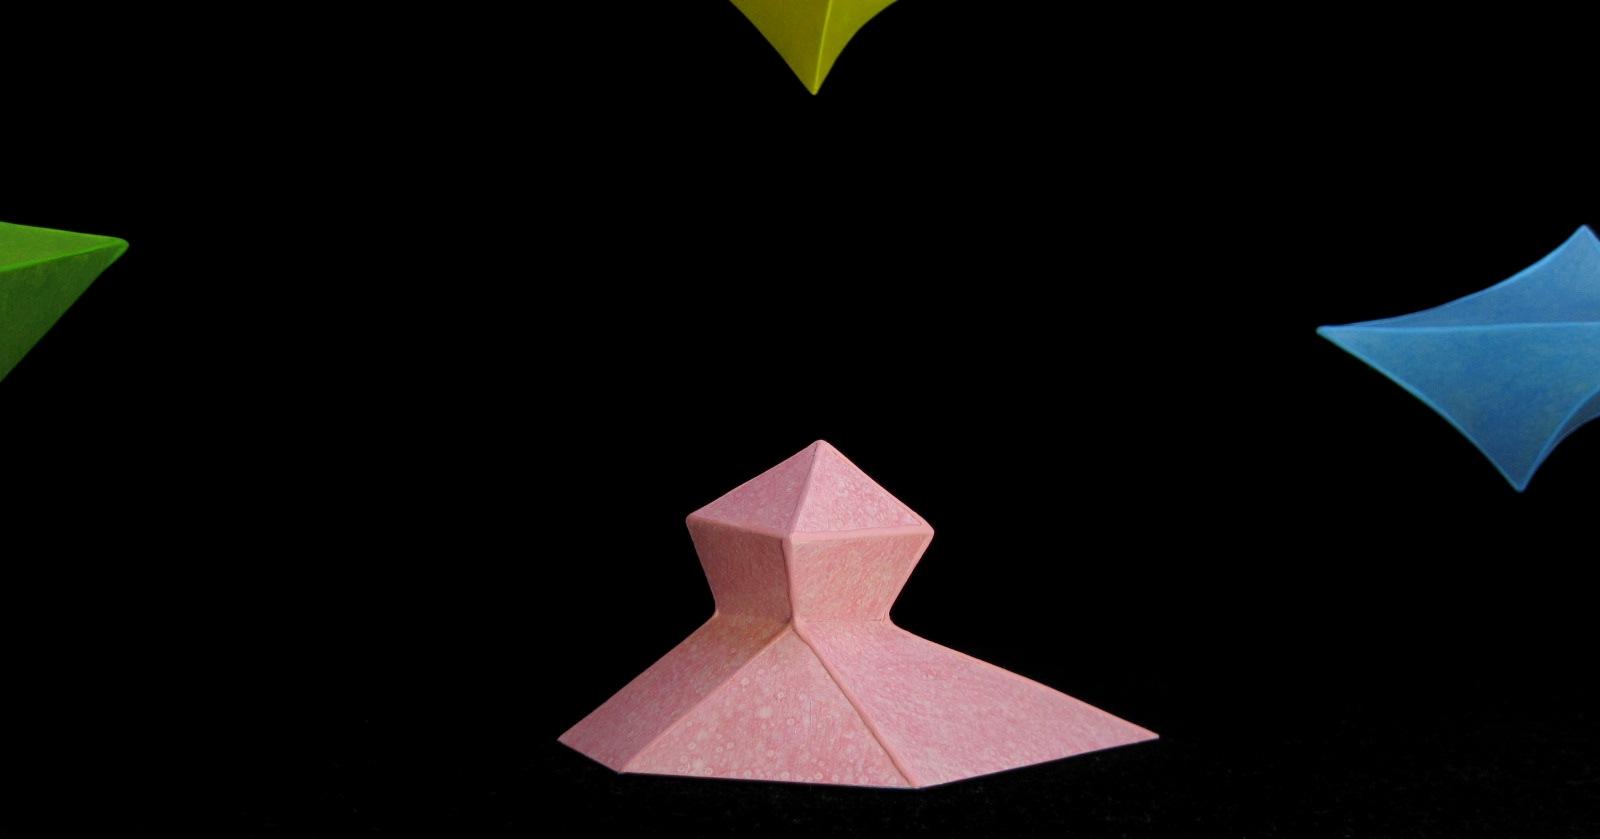 2212)「毛内やすはる<美術作家> [結晶]」 JRタワーARTBOX 9月1日(日)~11月30日(土)_f0126829_90947.jpg